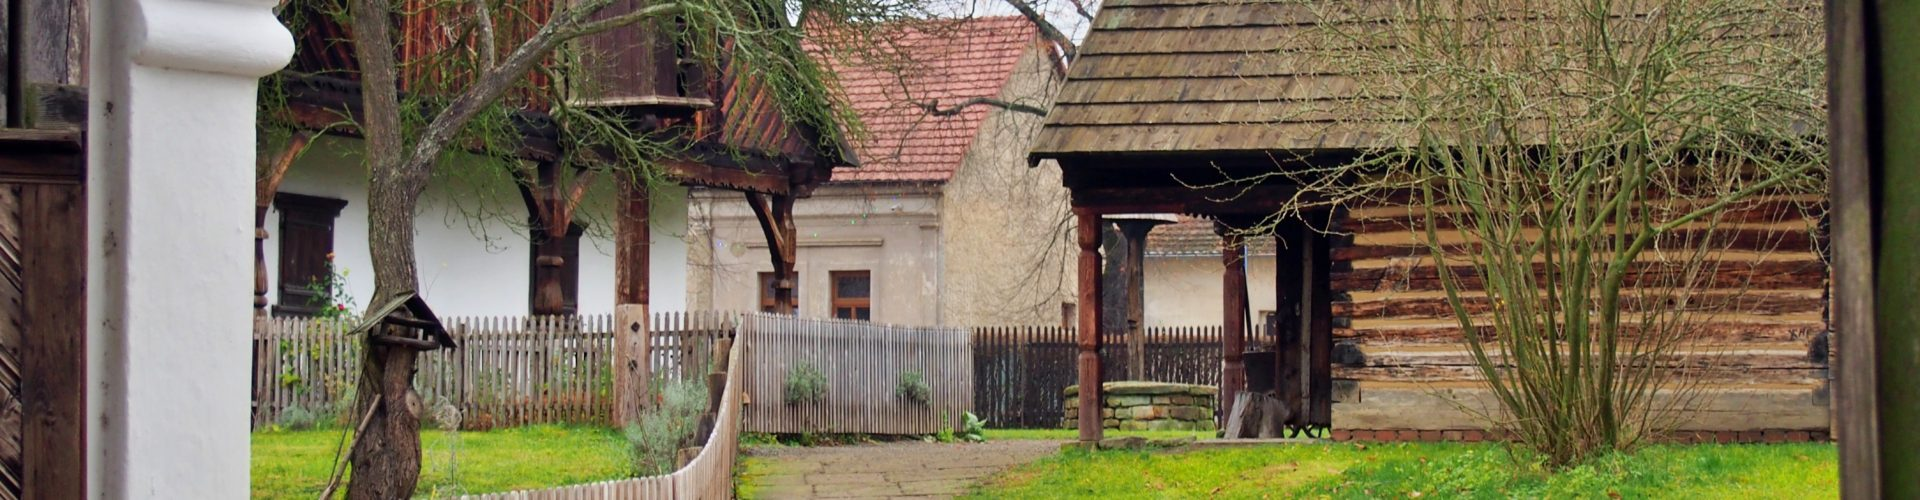 Výlet do Polabského národopisného muzea Přerov nad Labem aneb lidové Vánoce v Polabí